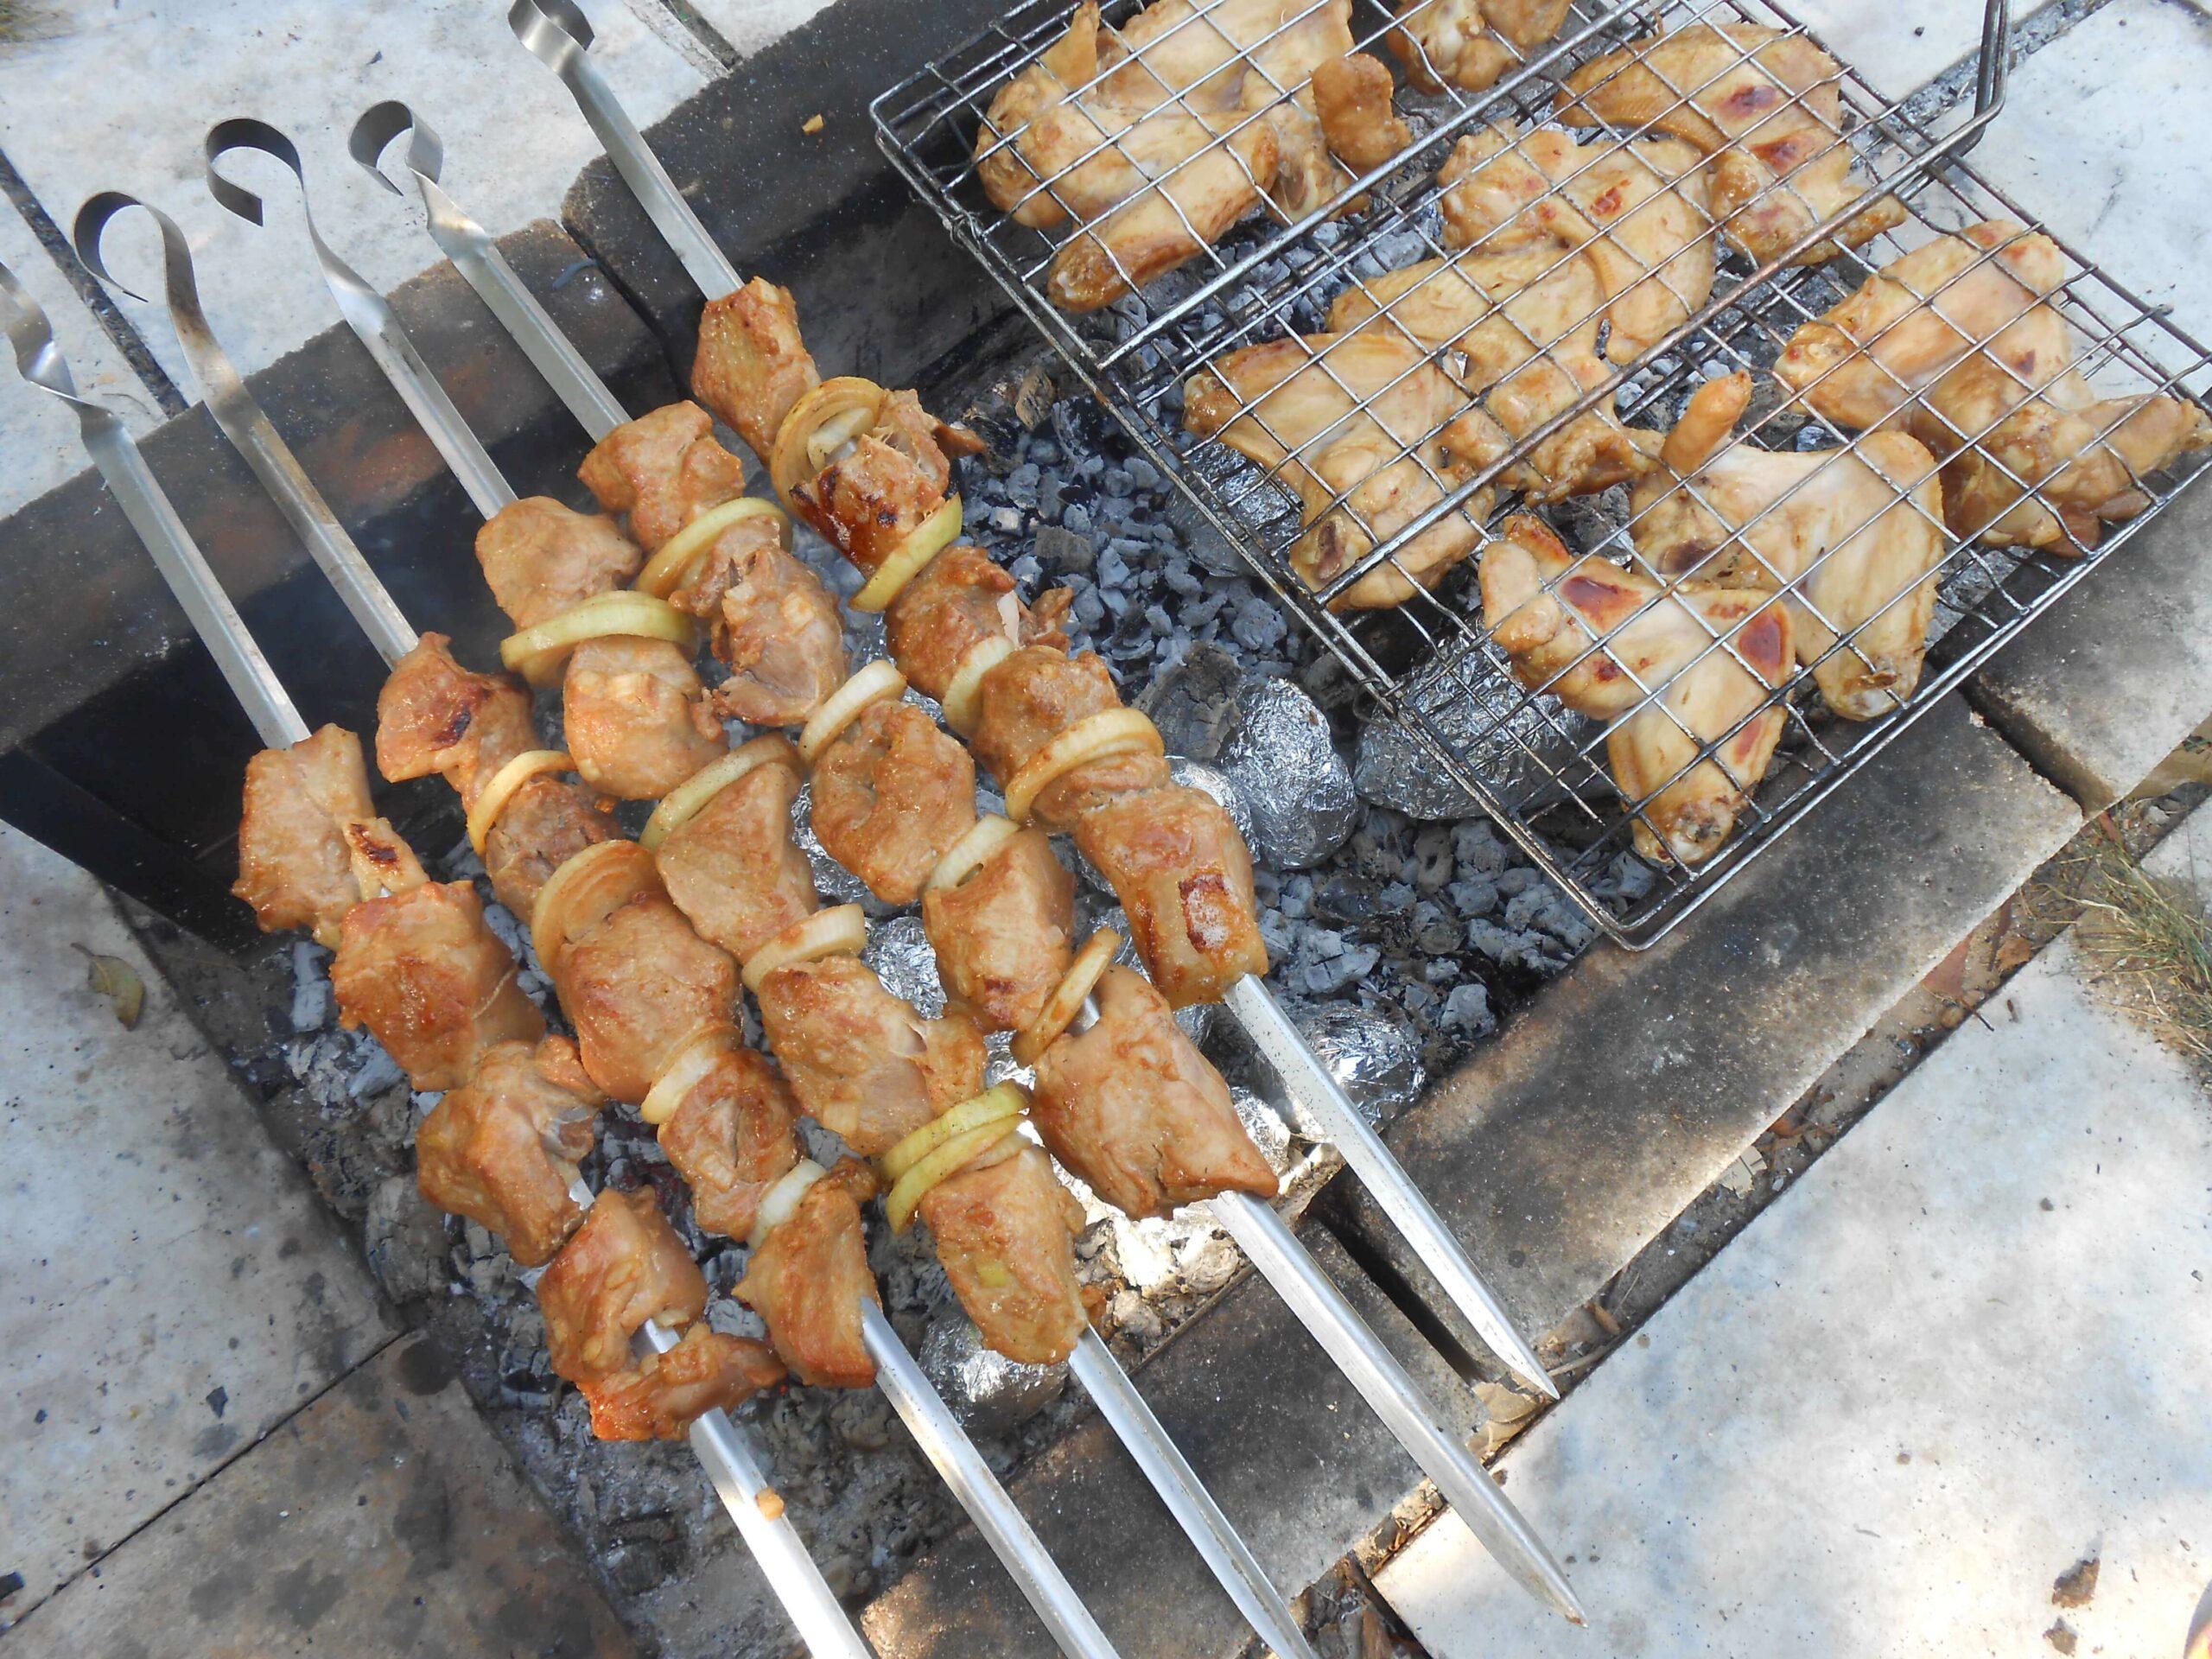 На фото: На фото: шашлык из свинины с луком на шампурах и курица на гриле / Авторское фото